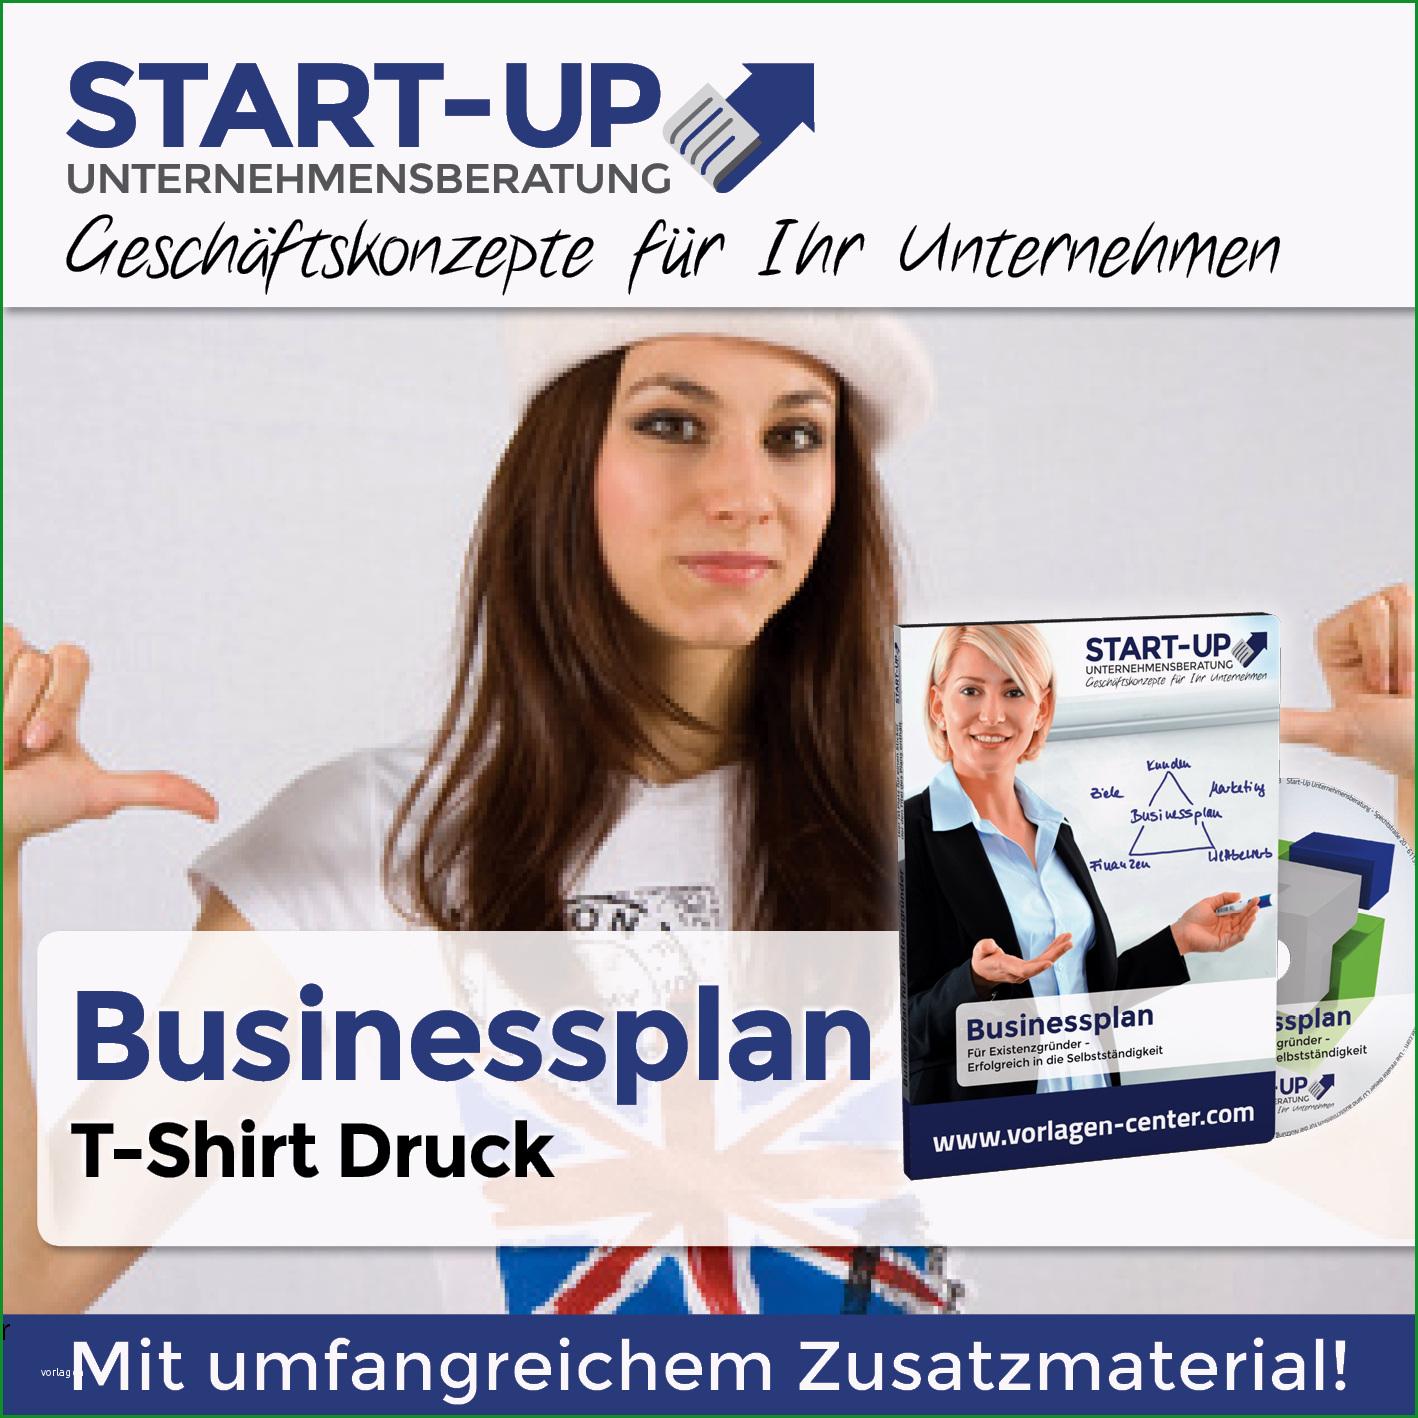 businessplan t shirt druck